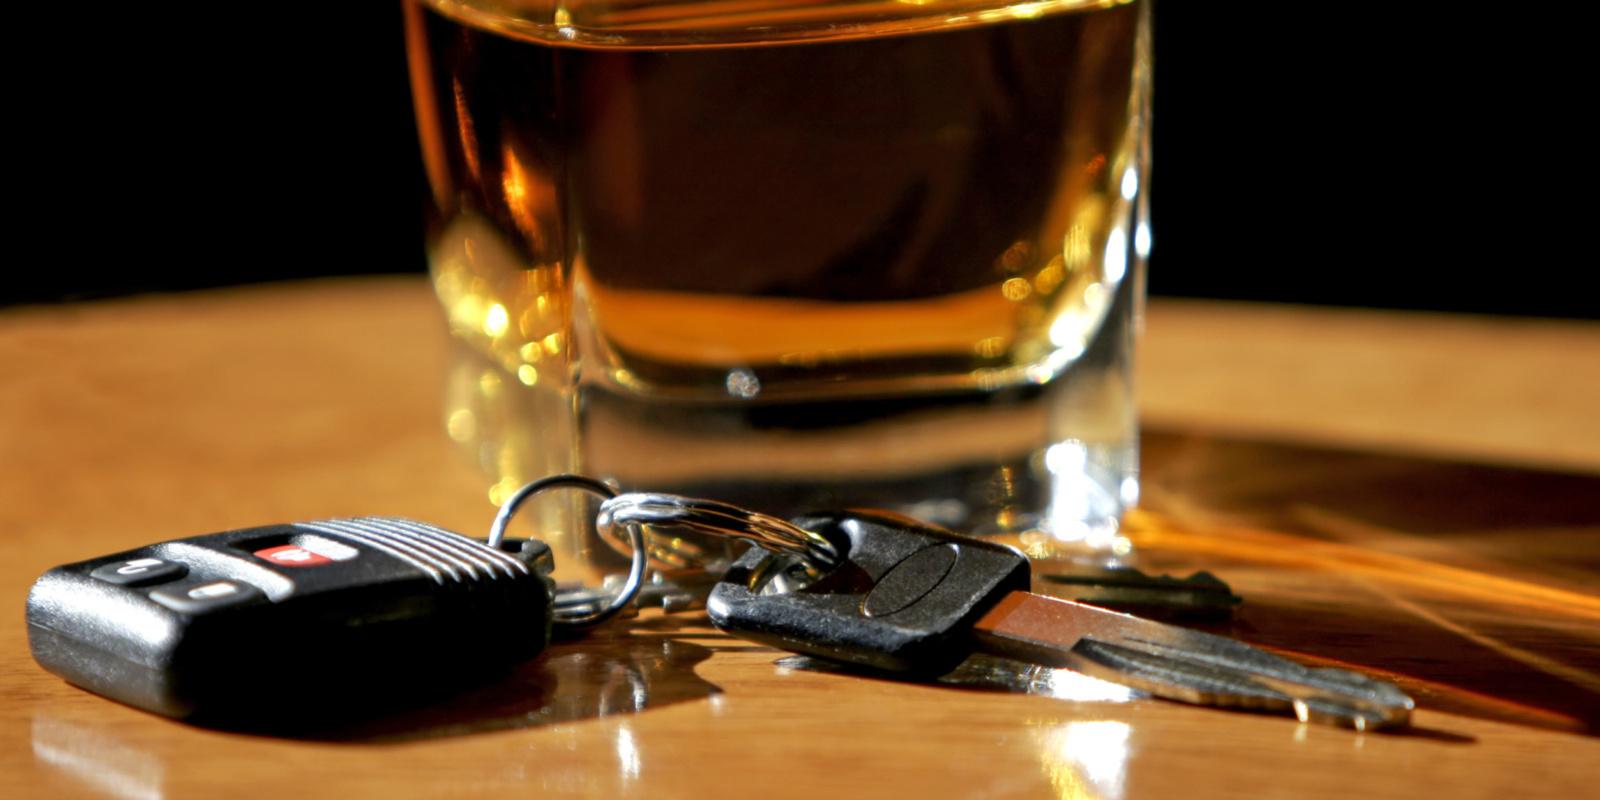 Už vairavimą neblaiviam prokurorė prašo skirti laisvės atėmimo bausmę